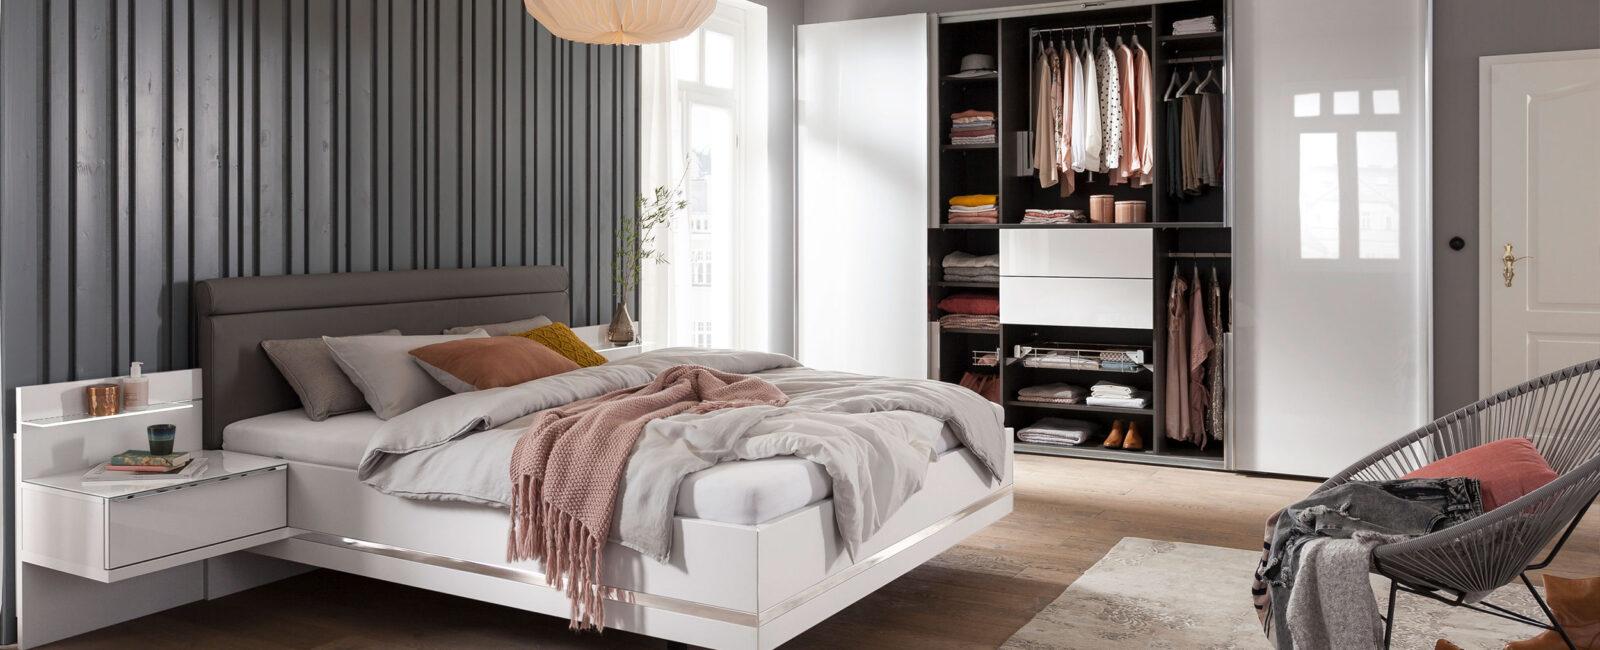 nolte bedroom wardrobes with sliding doors